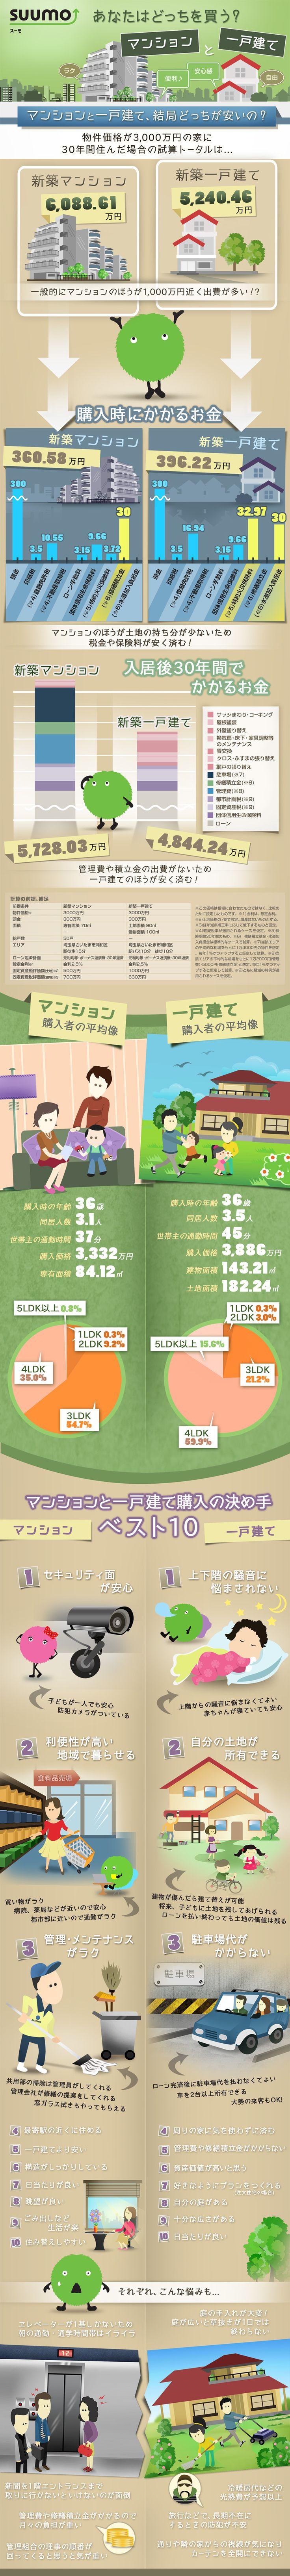 同価格のマンションと一戸建 30年後はどっちが安い?を比較したインフォグラフィック   infographic.jp - インフォグラフィックス by IOIX